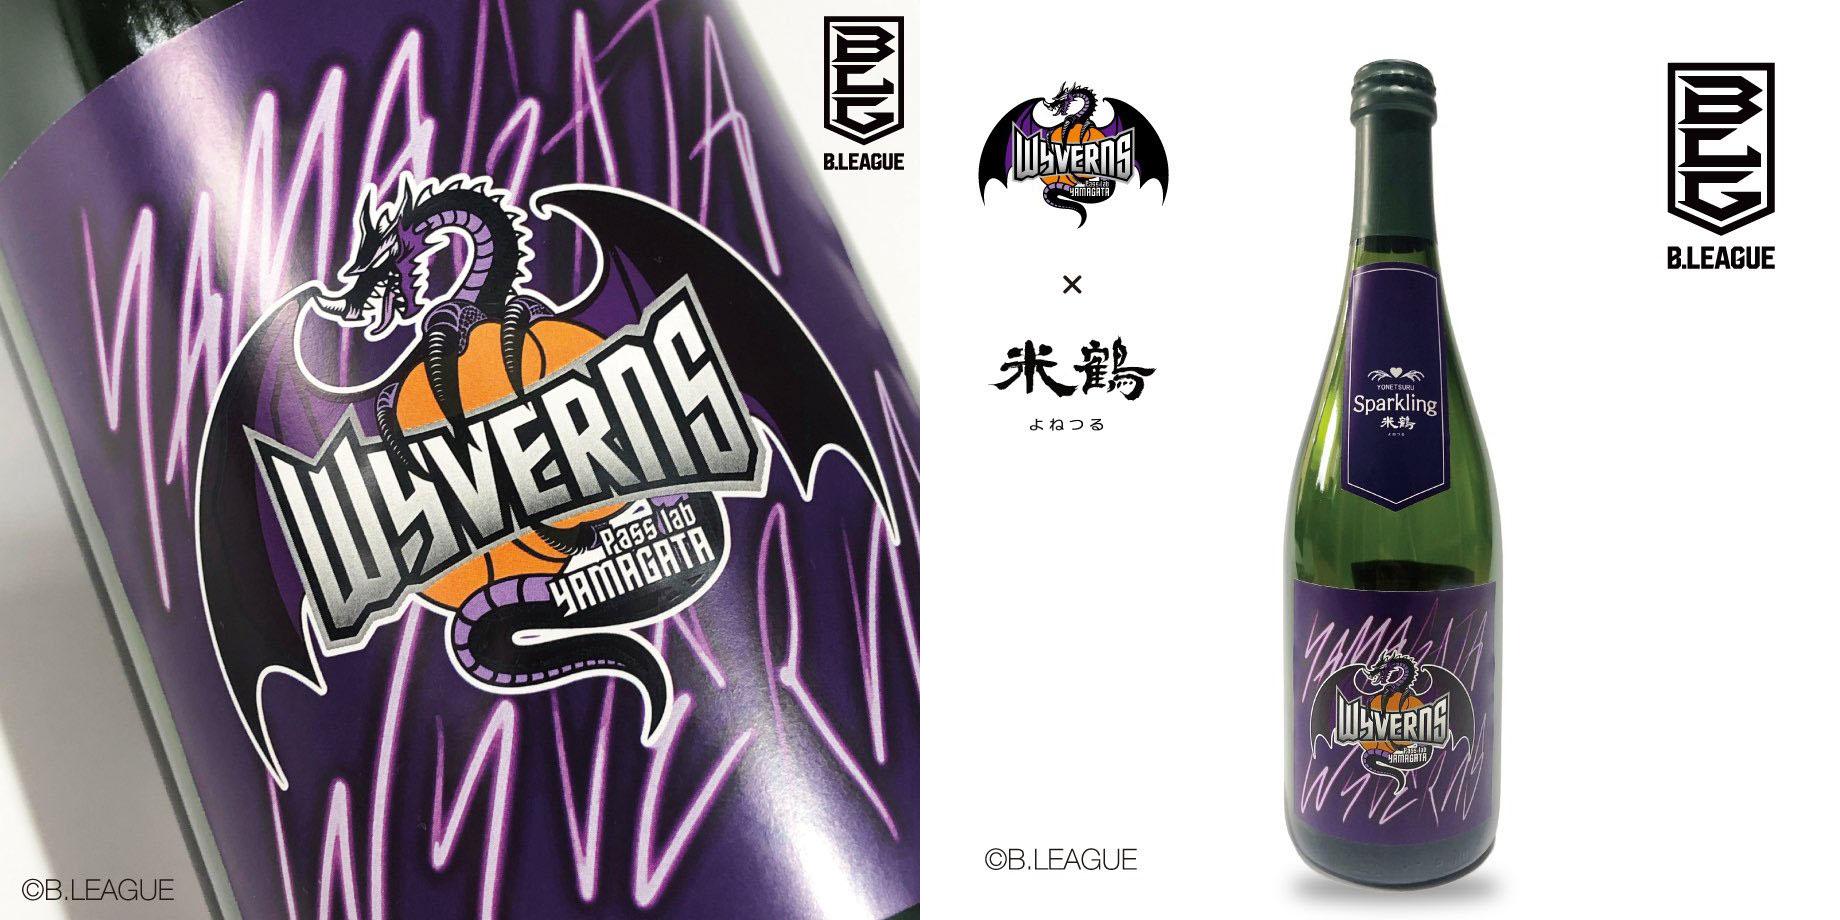 【数量限定・プロバスケチームと日本酒のコラボ!】米鶴 スパークリング×山形ワイヴァンズ:画像